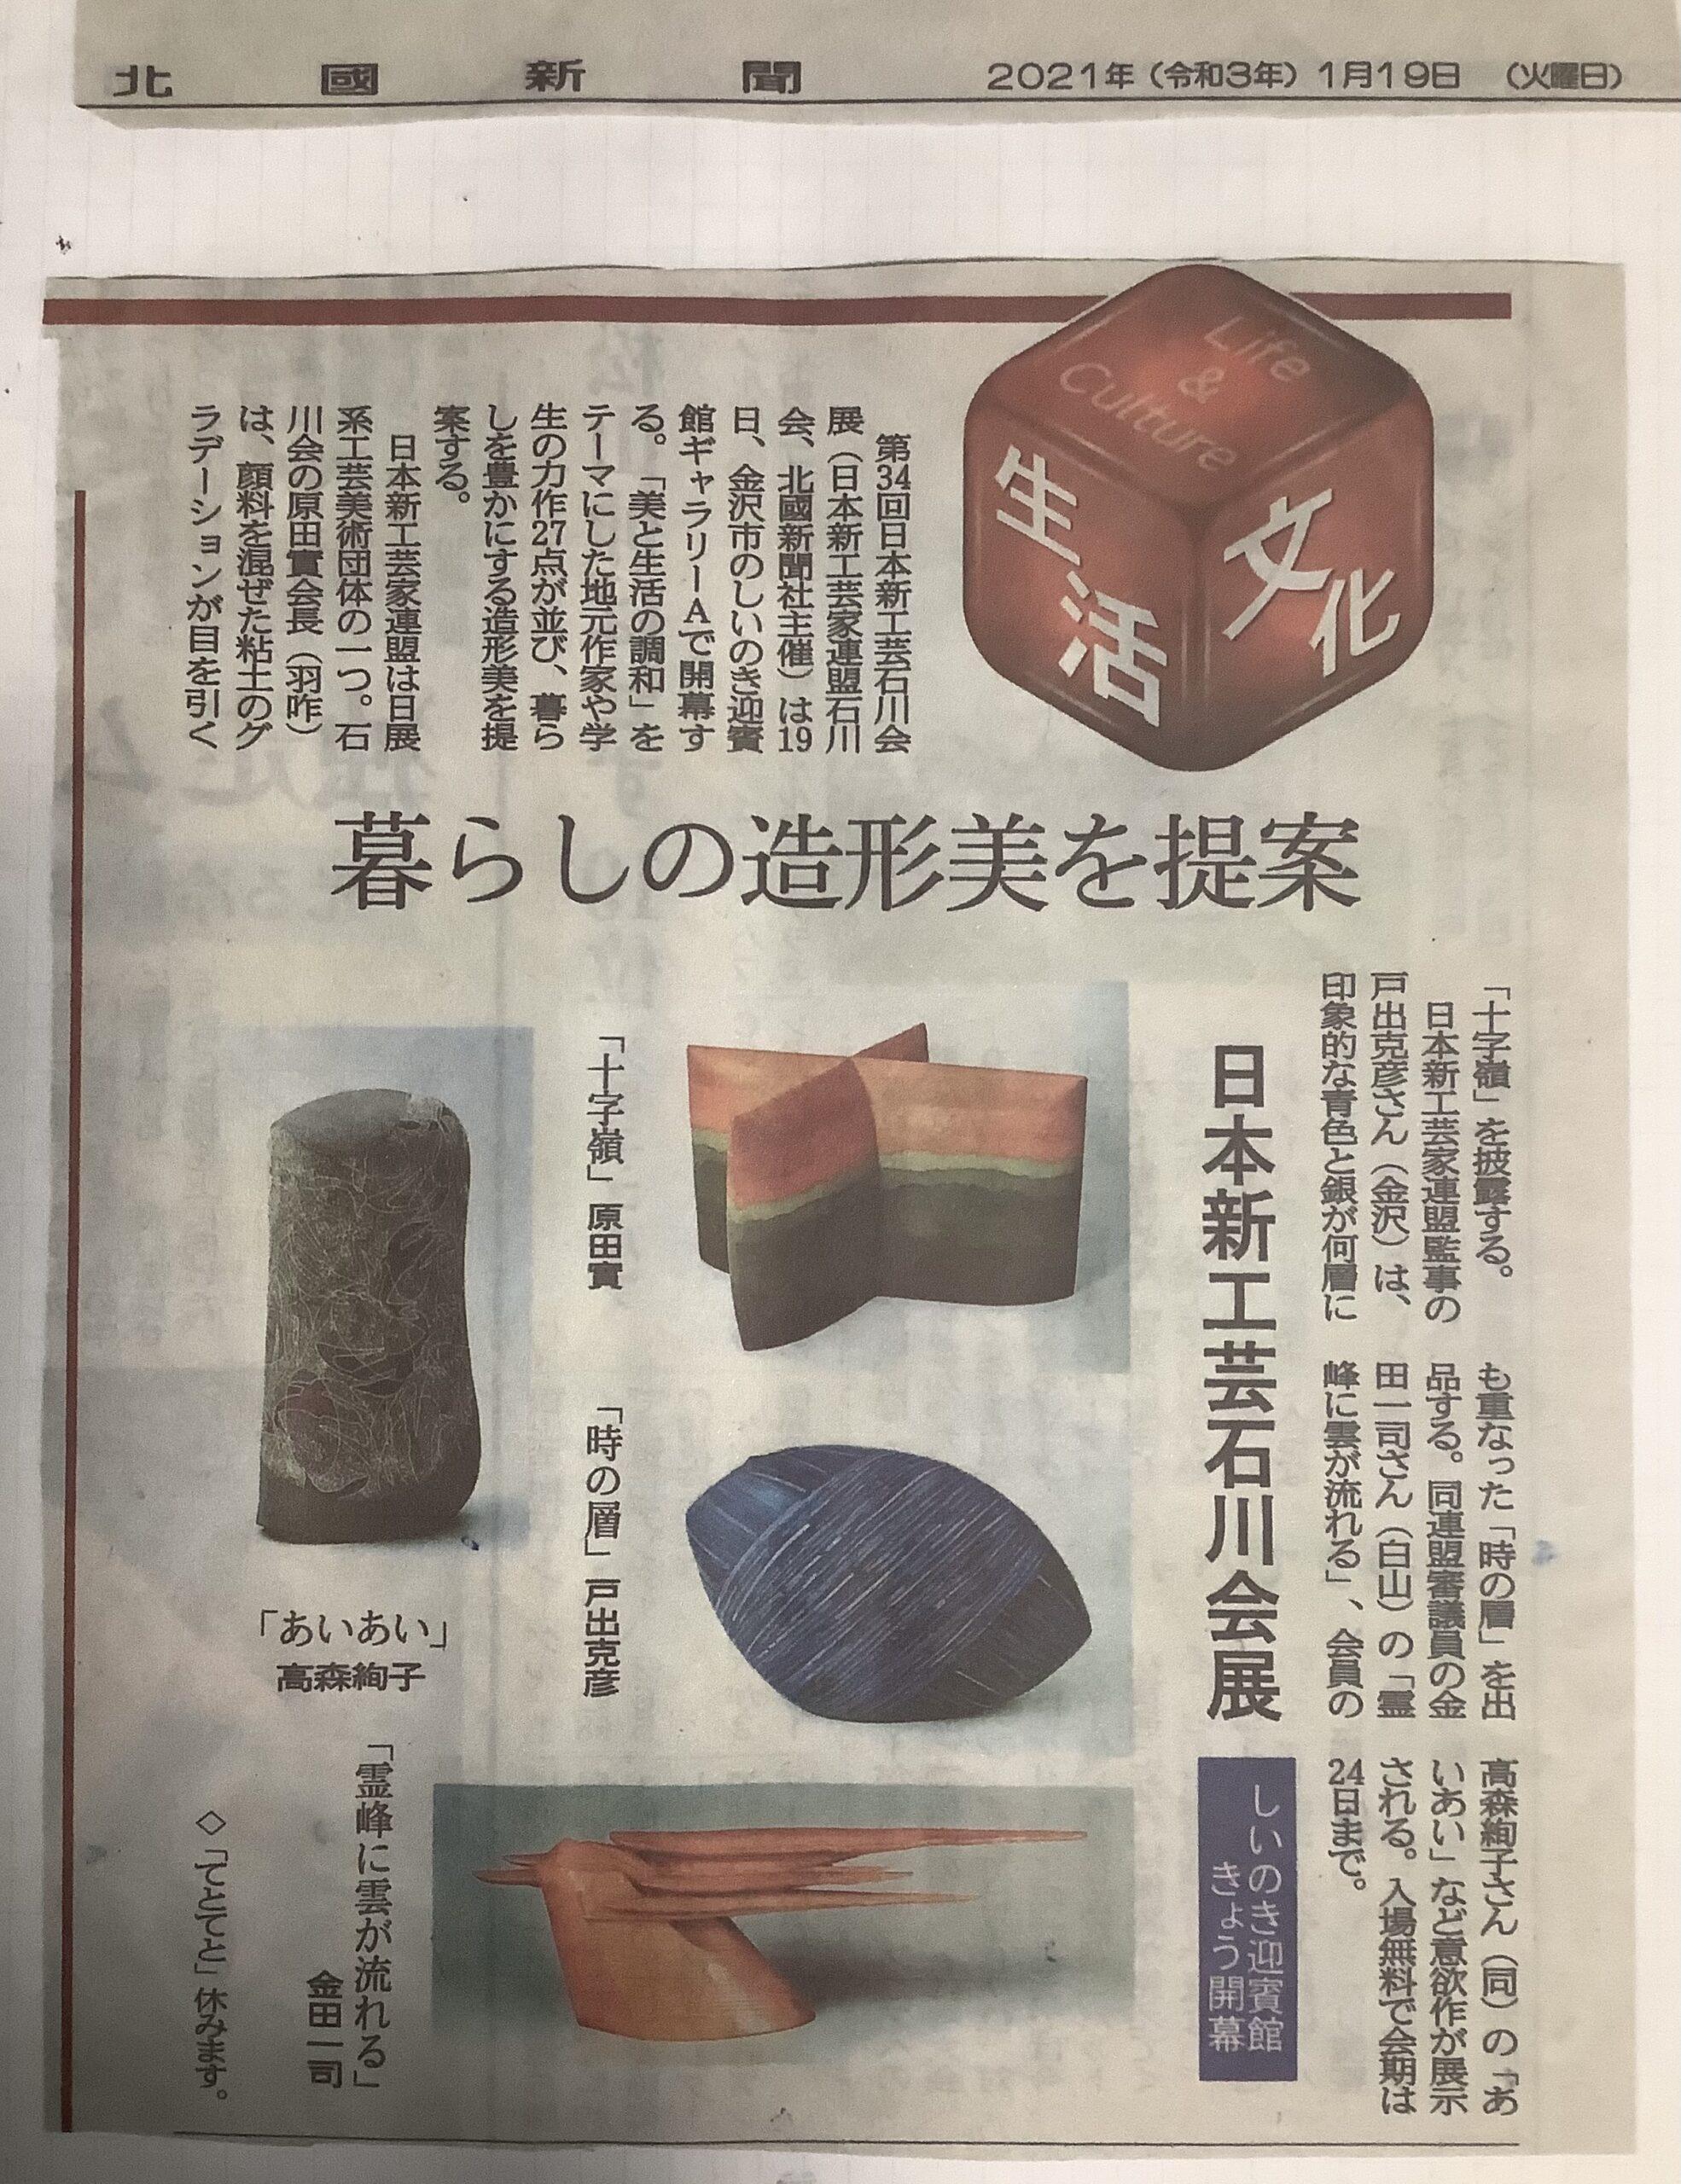 新工芸石川会展。開催中。